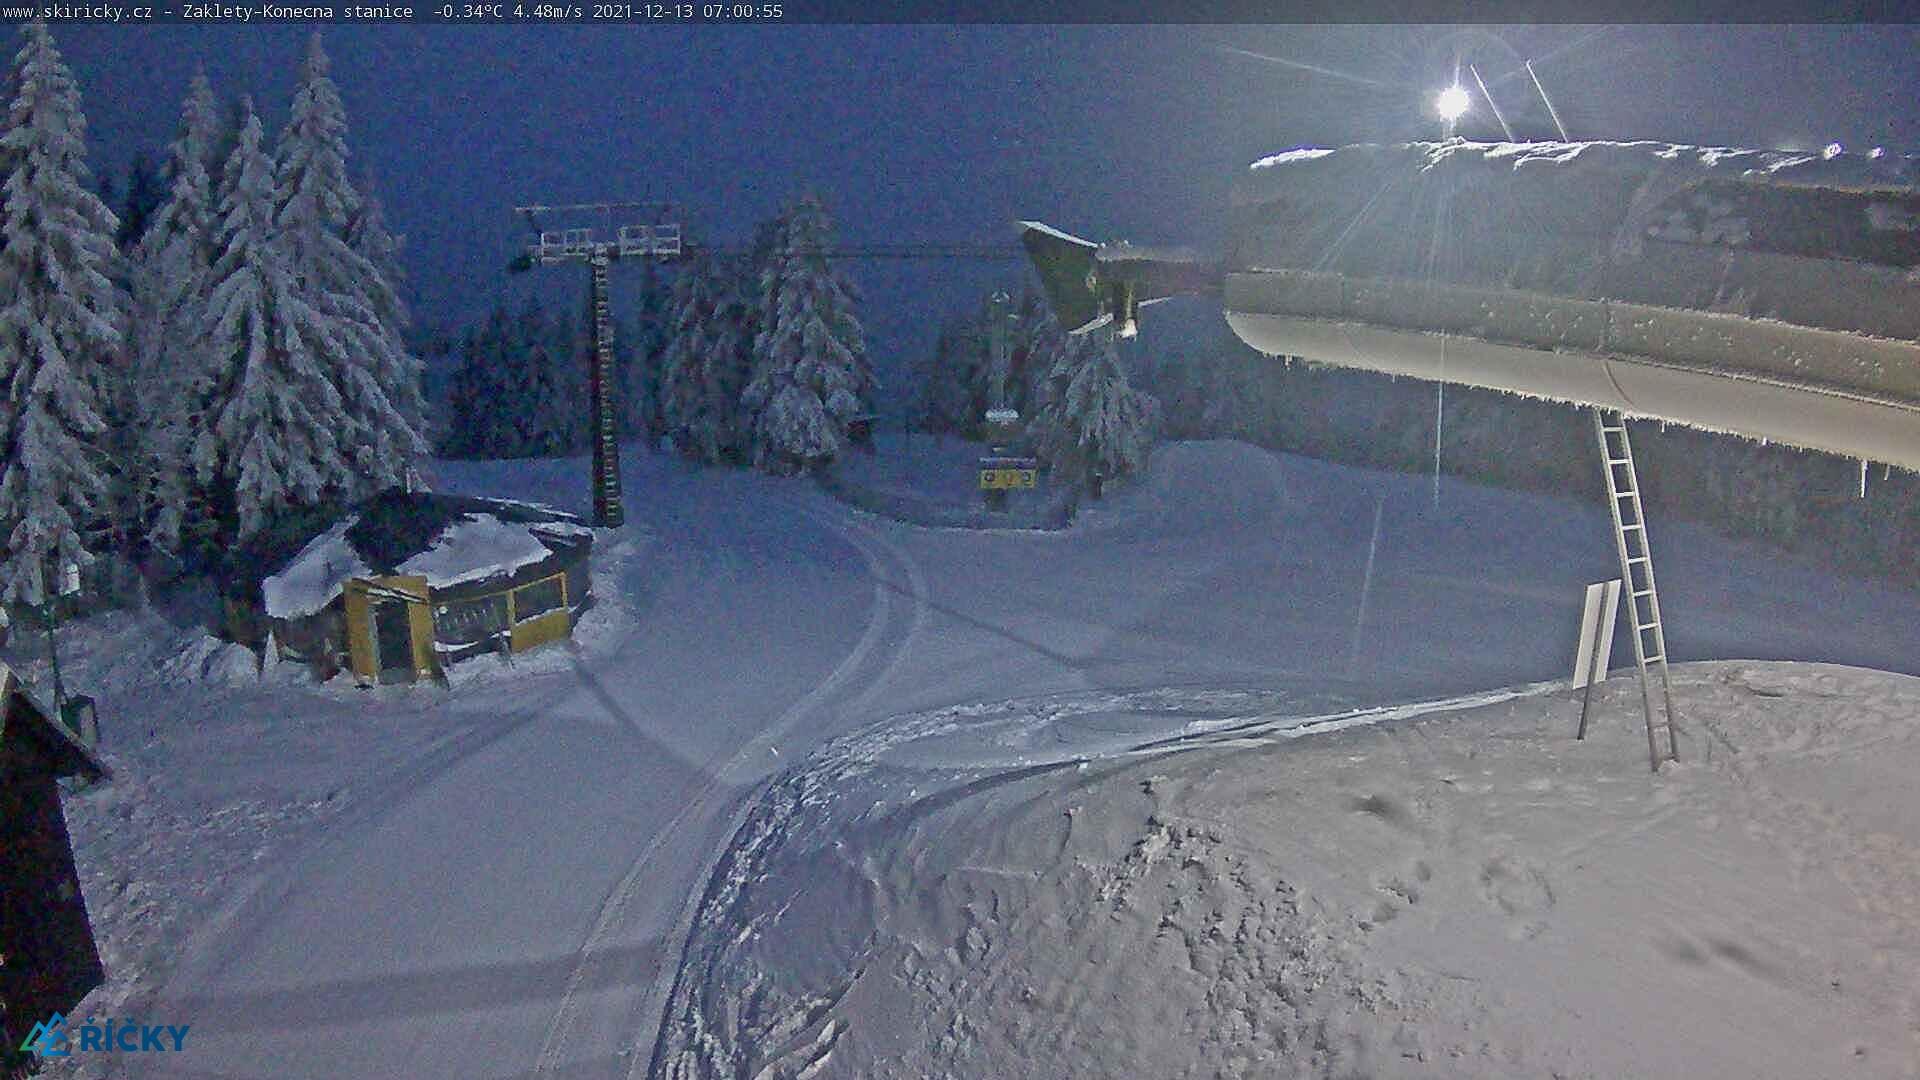 Webcam Skigebied Ricky v O.h. Ausstieg Sessellift - Adelaarsgebergte